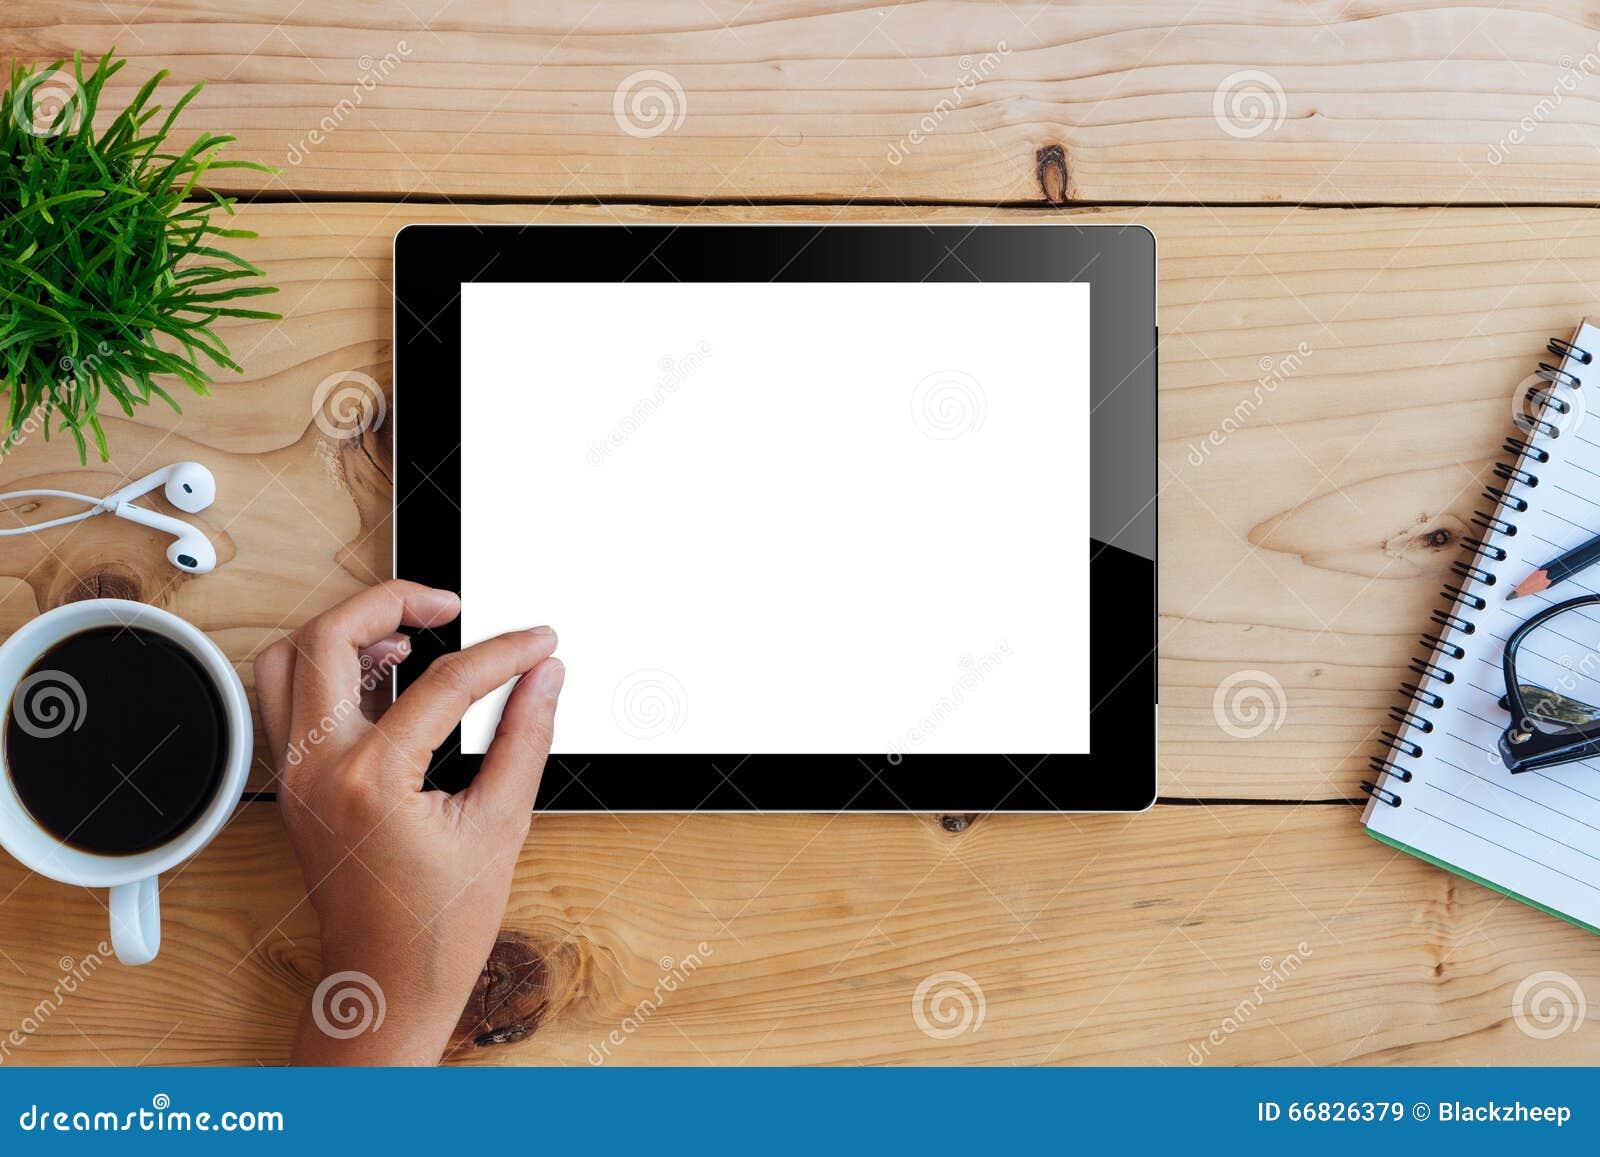 Main utilisant le comprimé de maquette sur l affichage blanc de bureau en bois